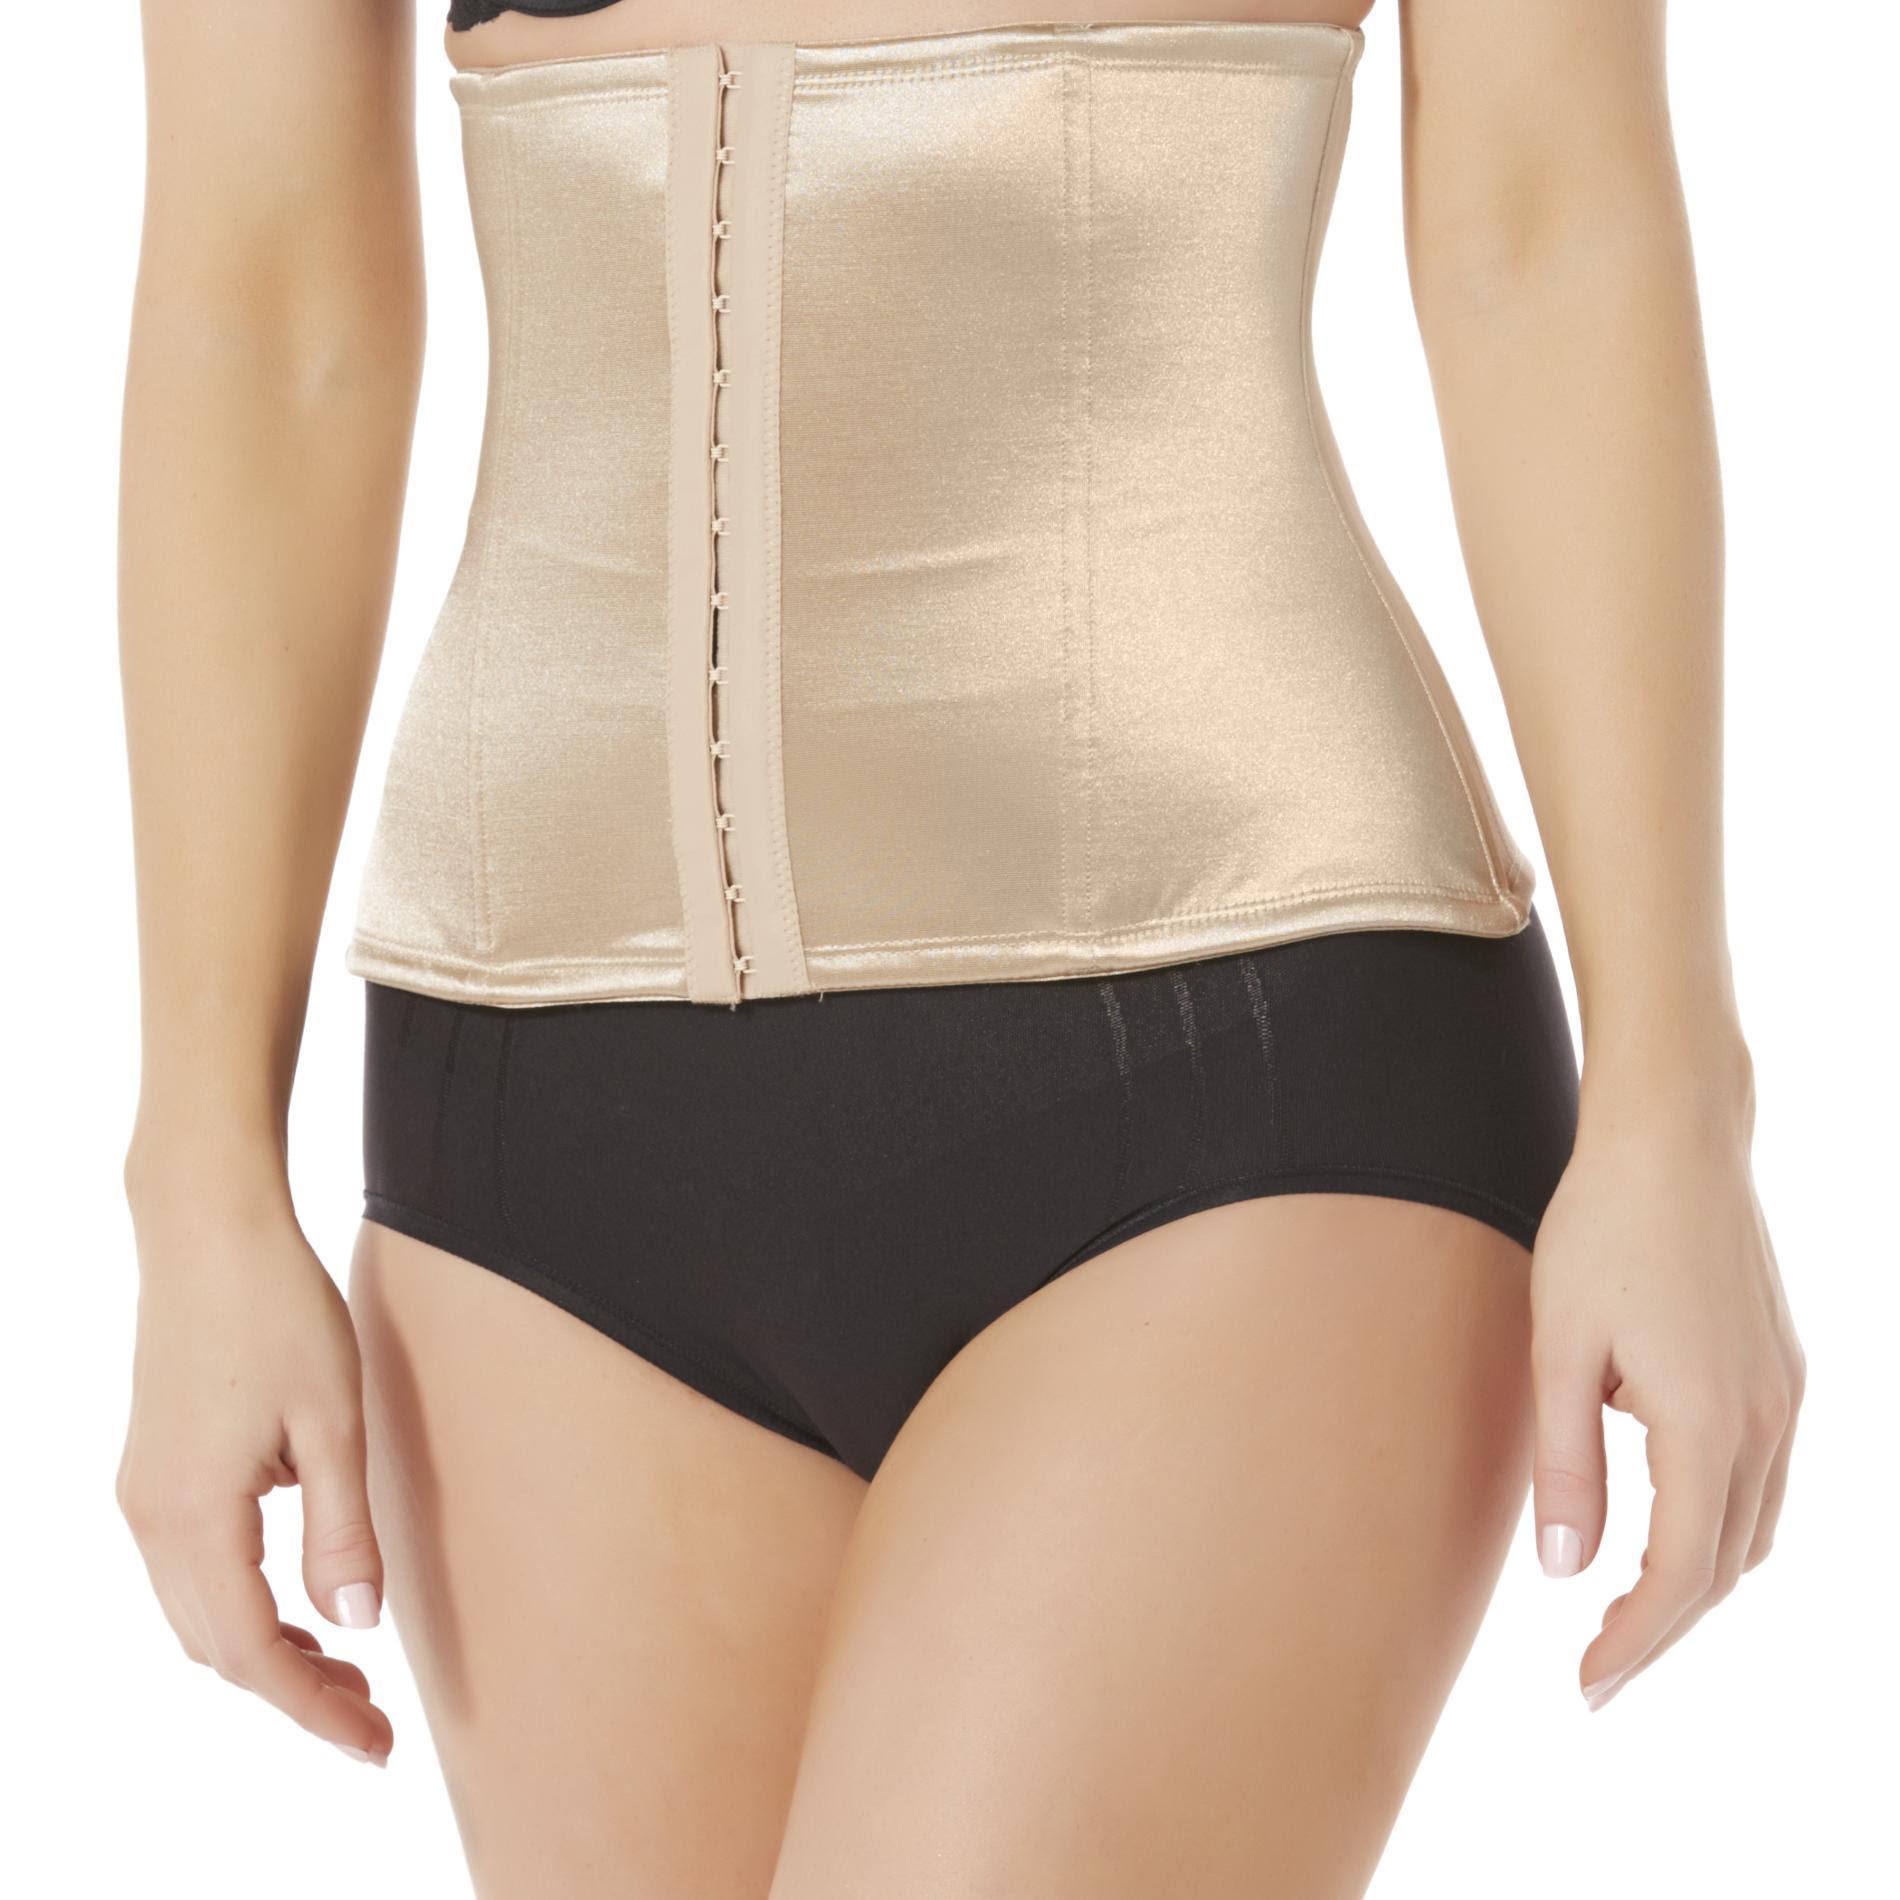 Fundamentals Women's Waist Cincher Body Shaper, Size: Medium